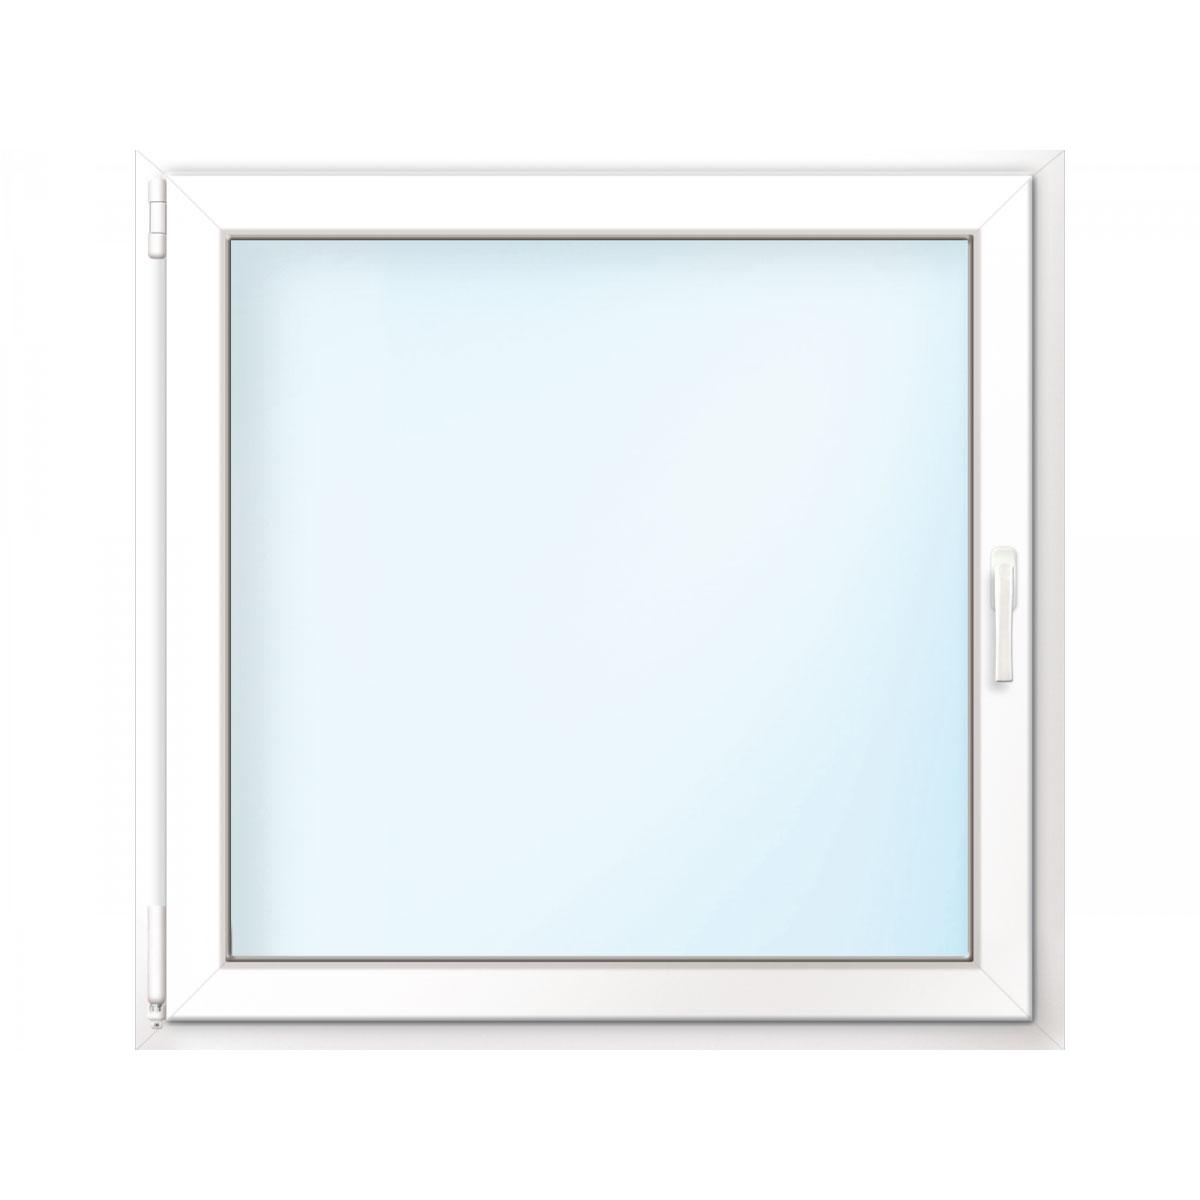 Fenster PVC 70/3 weiß/weiß Anschlag links 60x60 cm